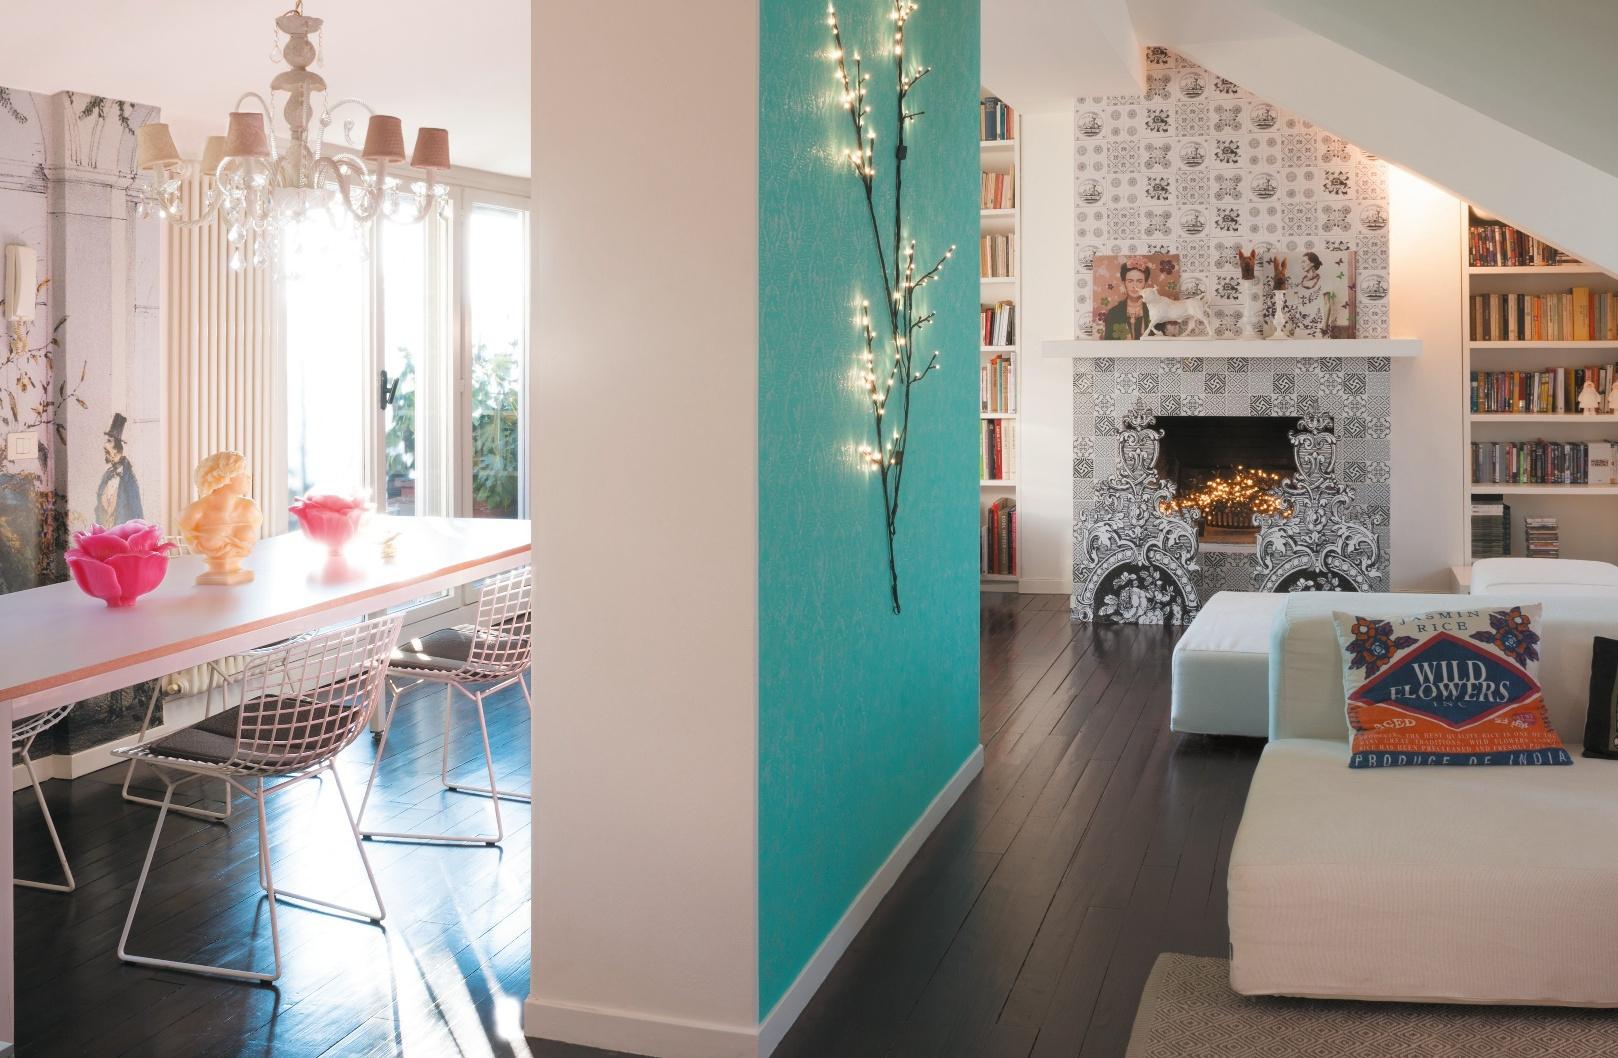 Decorazioni romantiche e trompe l 39 oeil moderni casafacile for Piani domestici contempory